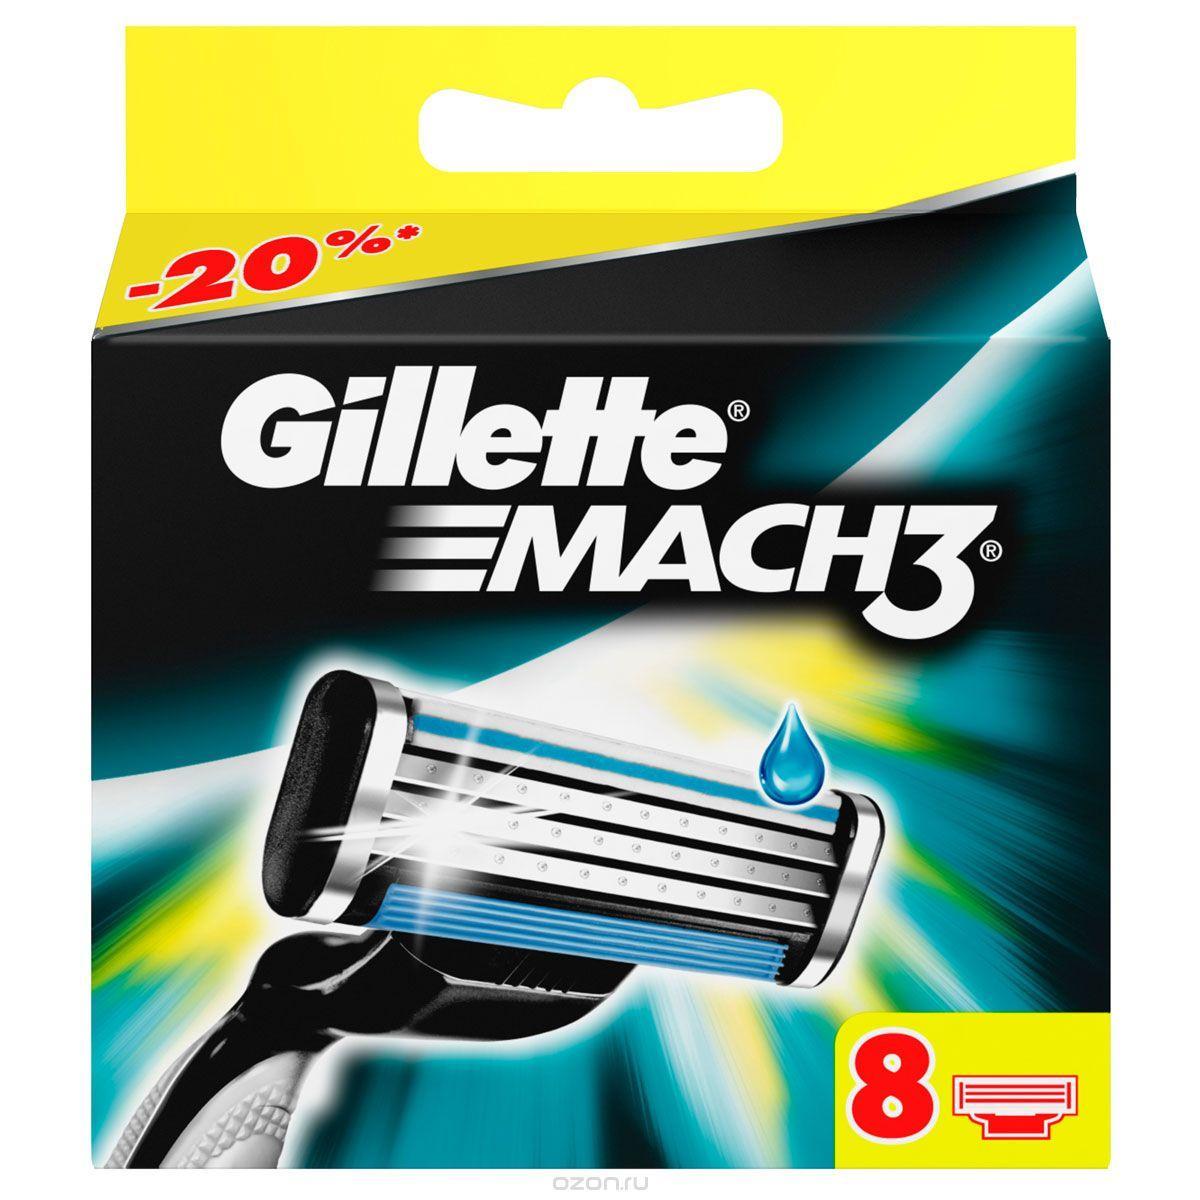 Картриджи Gillette Mach3 сменные картриджи (восемь штук в упаковке)